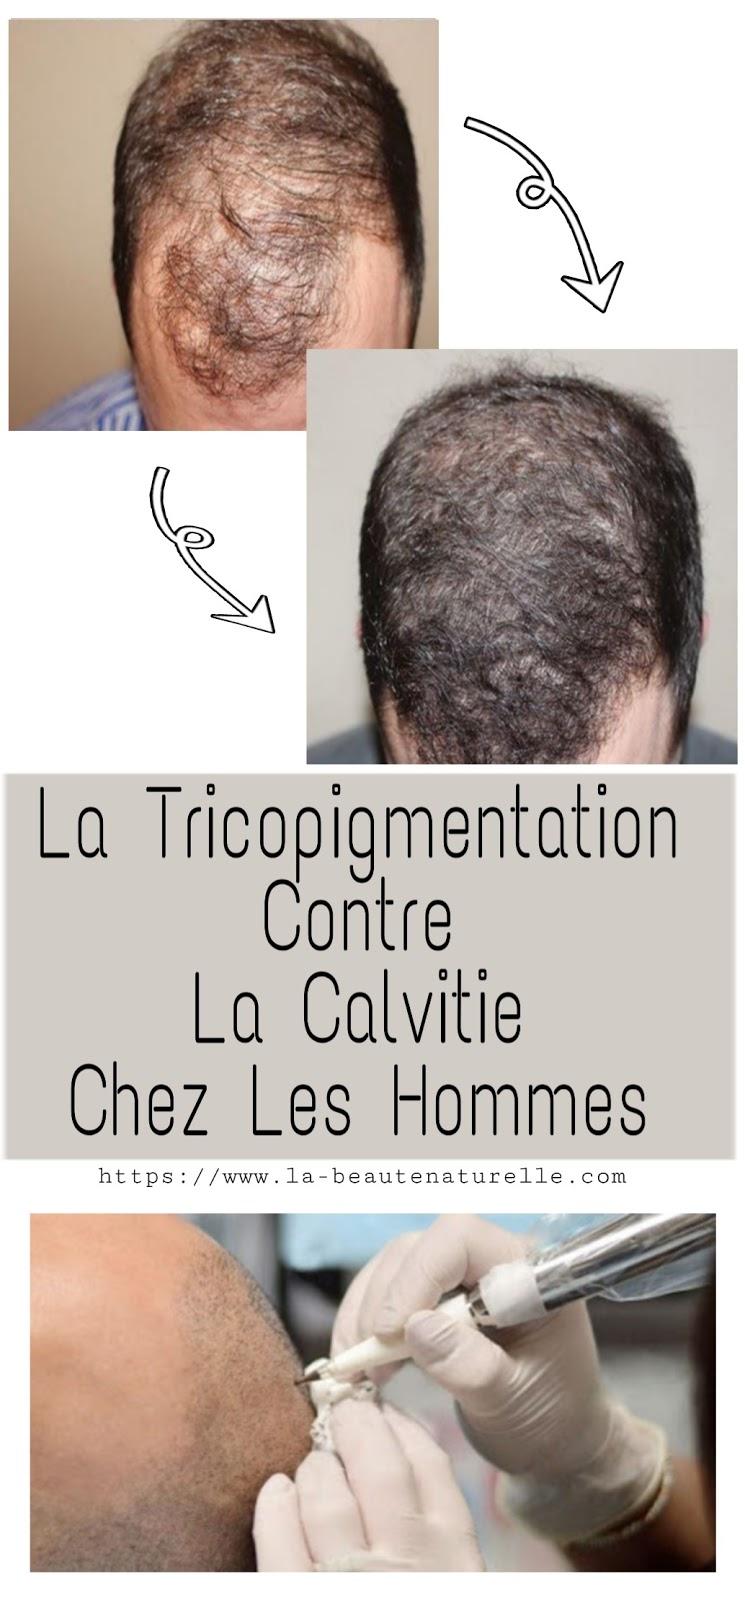 La Tricopigmentation Contre La Calvitie Chez Les Hommes